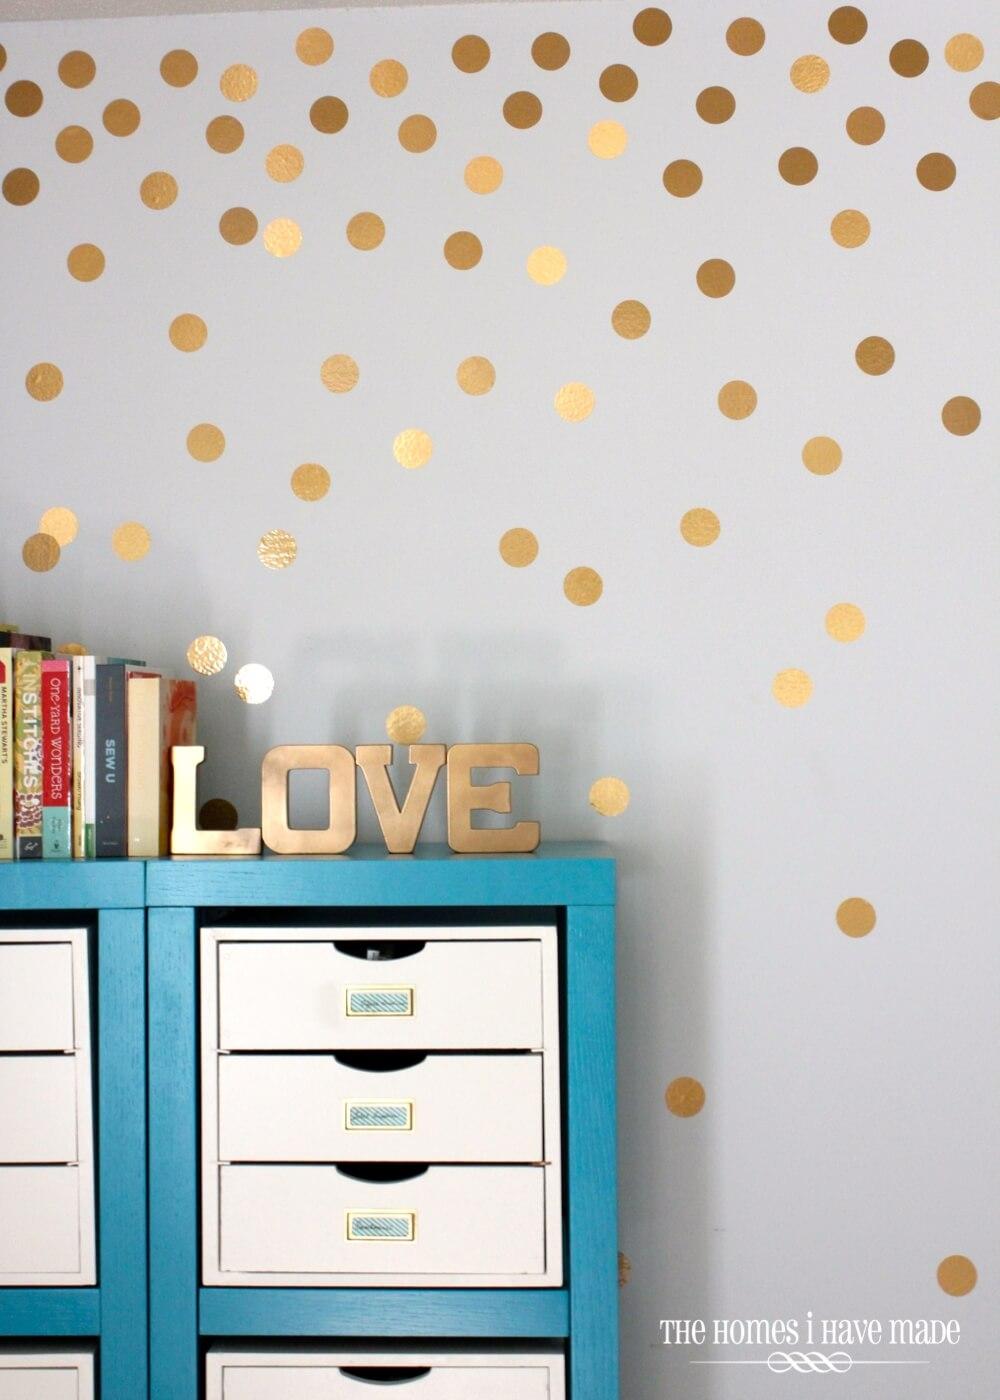 Simple Gold Dots Rain Down